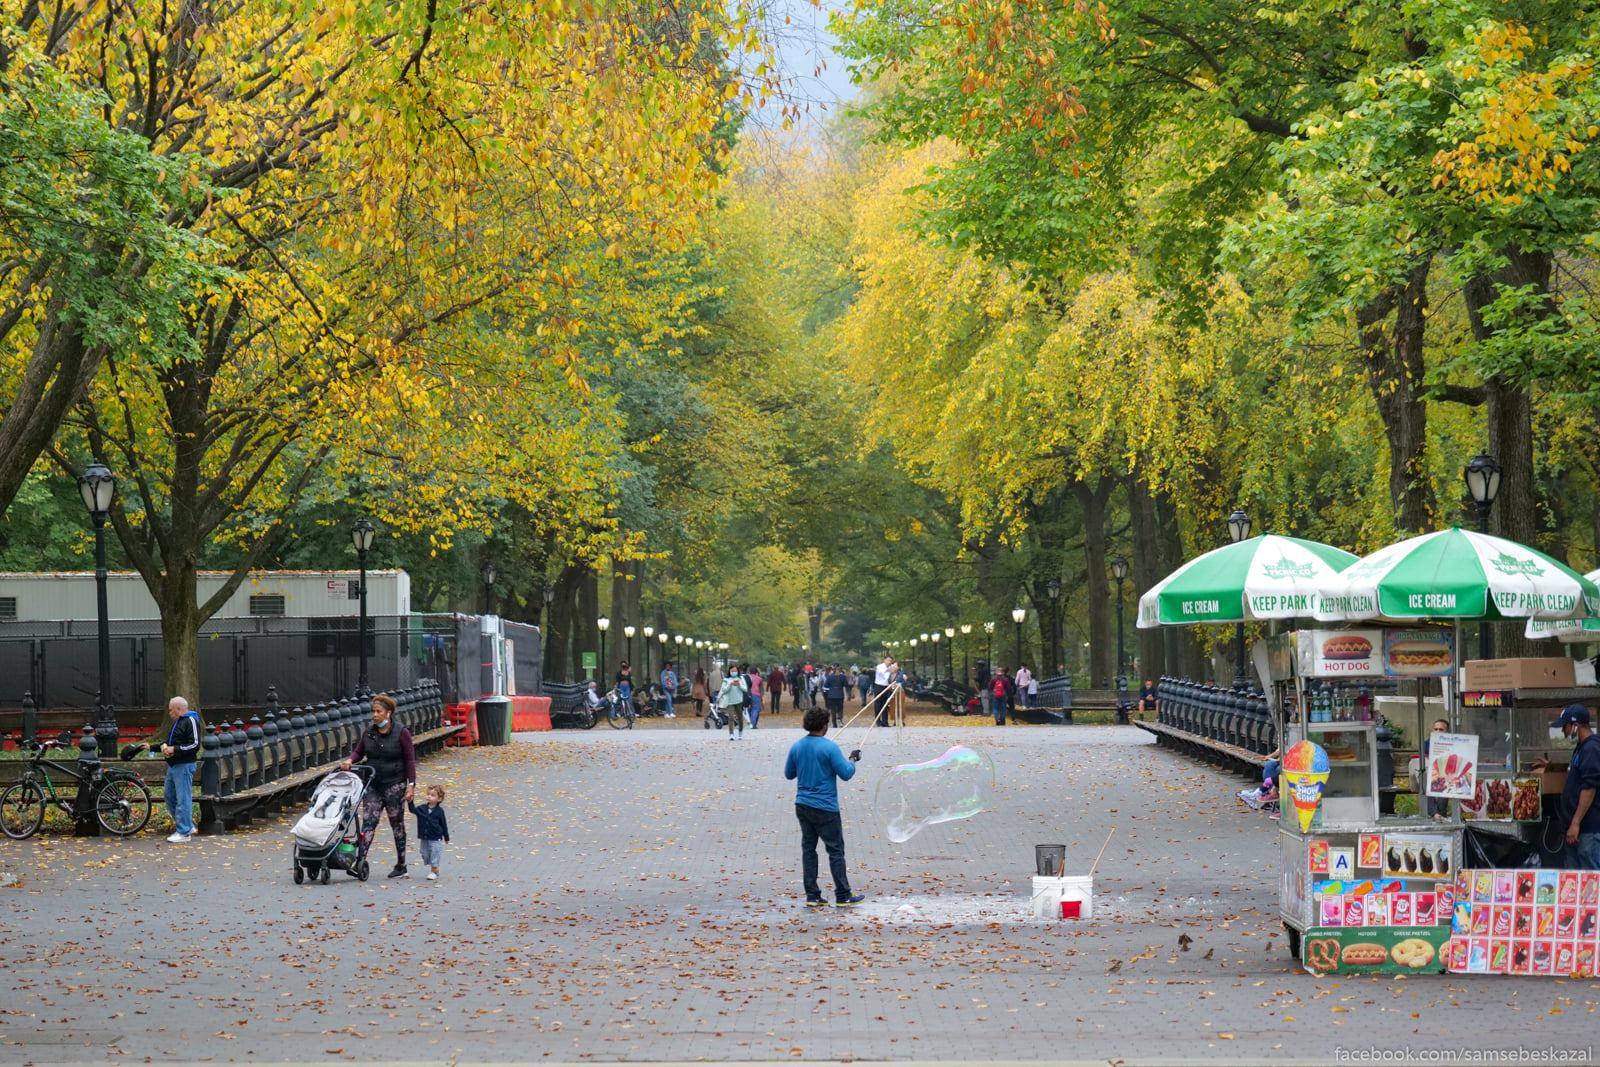 Нью-Йорк, 22 октября 2020 года Glavnaa allea parka.